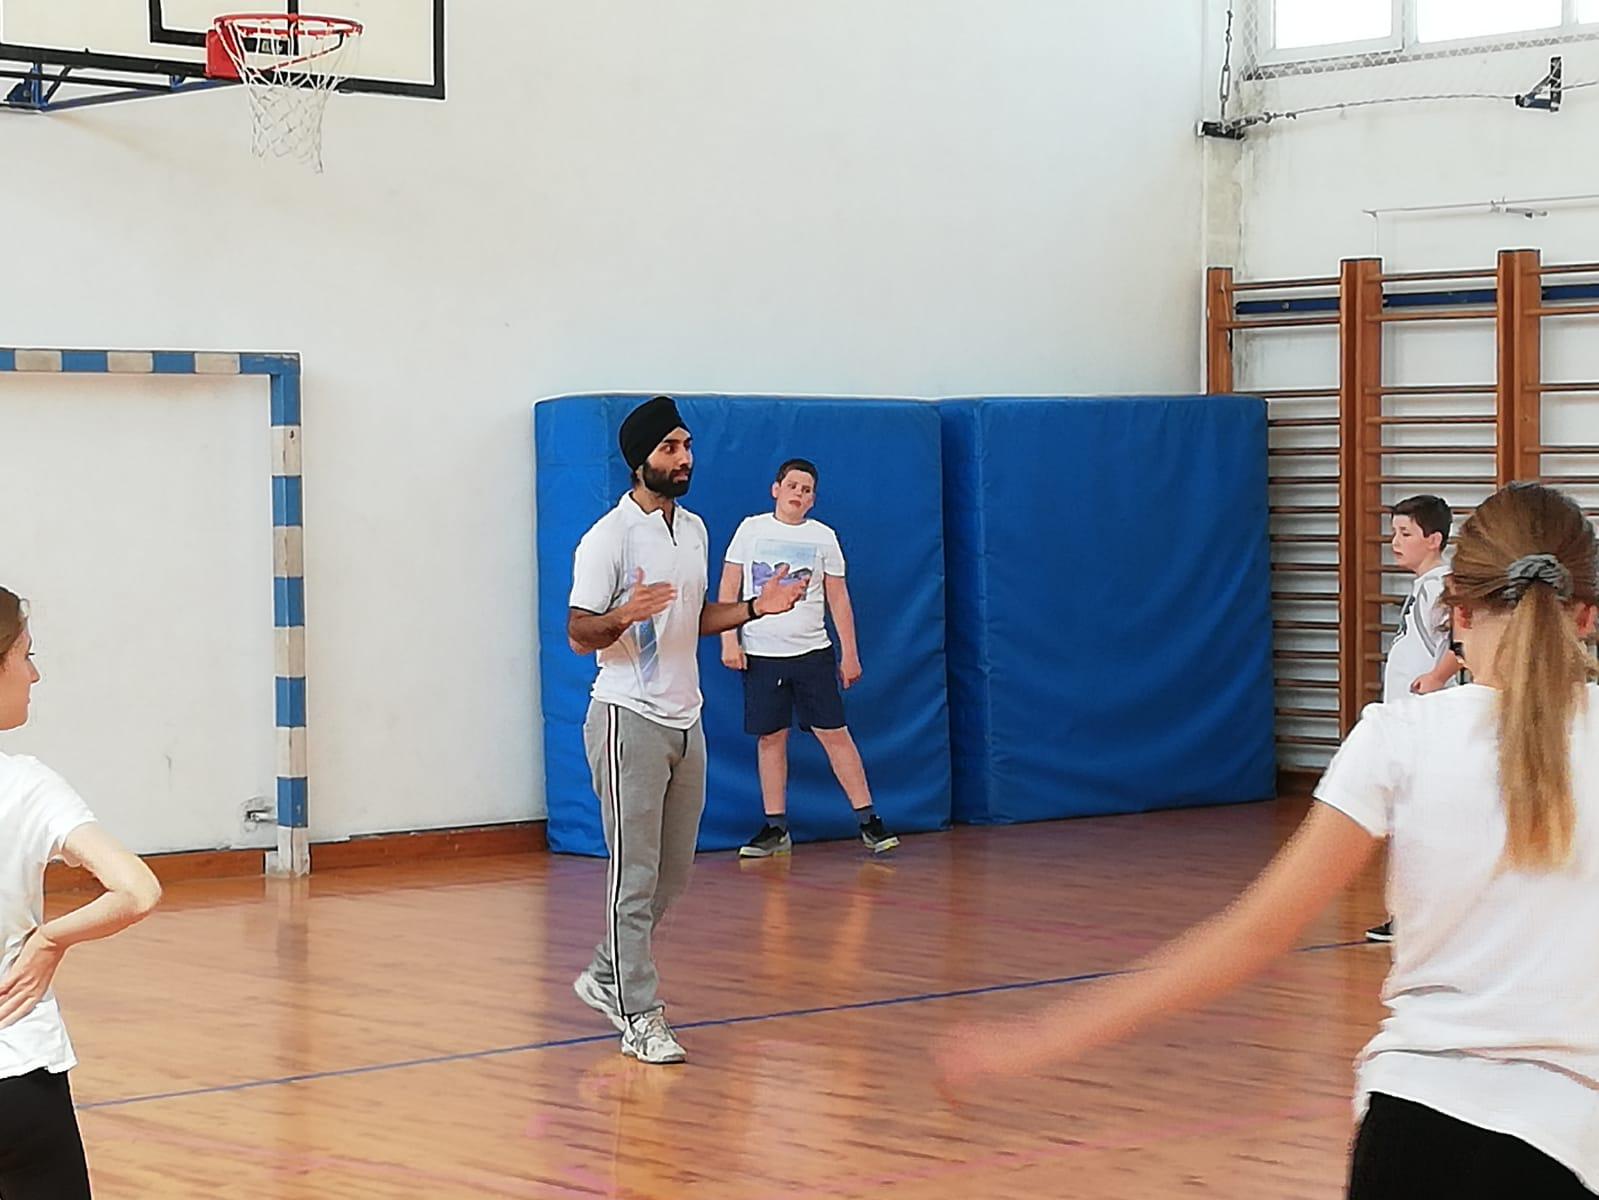 Introductory Training In Skola Bartola Kasica Badminton Club Zadar